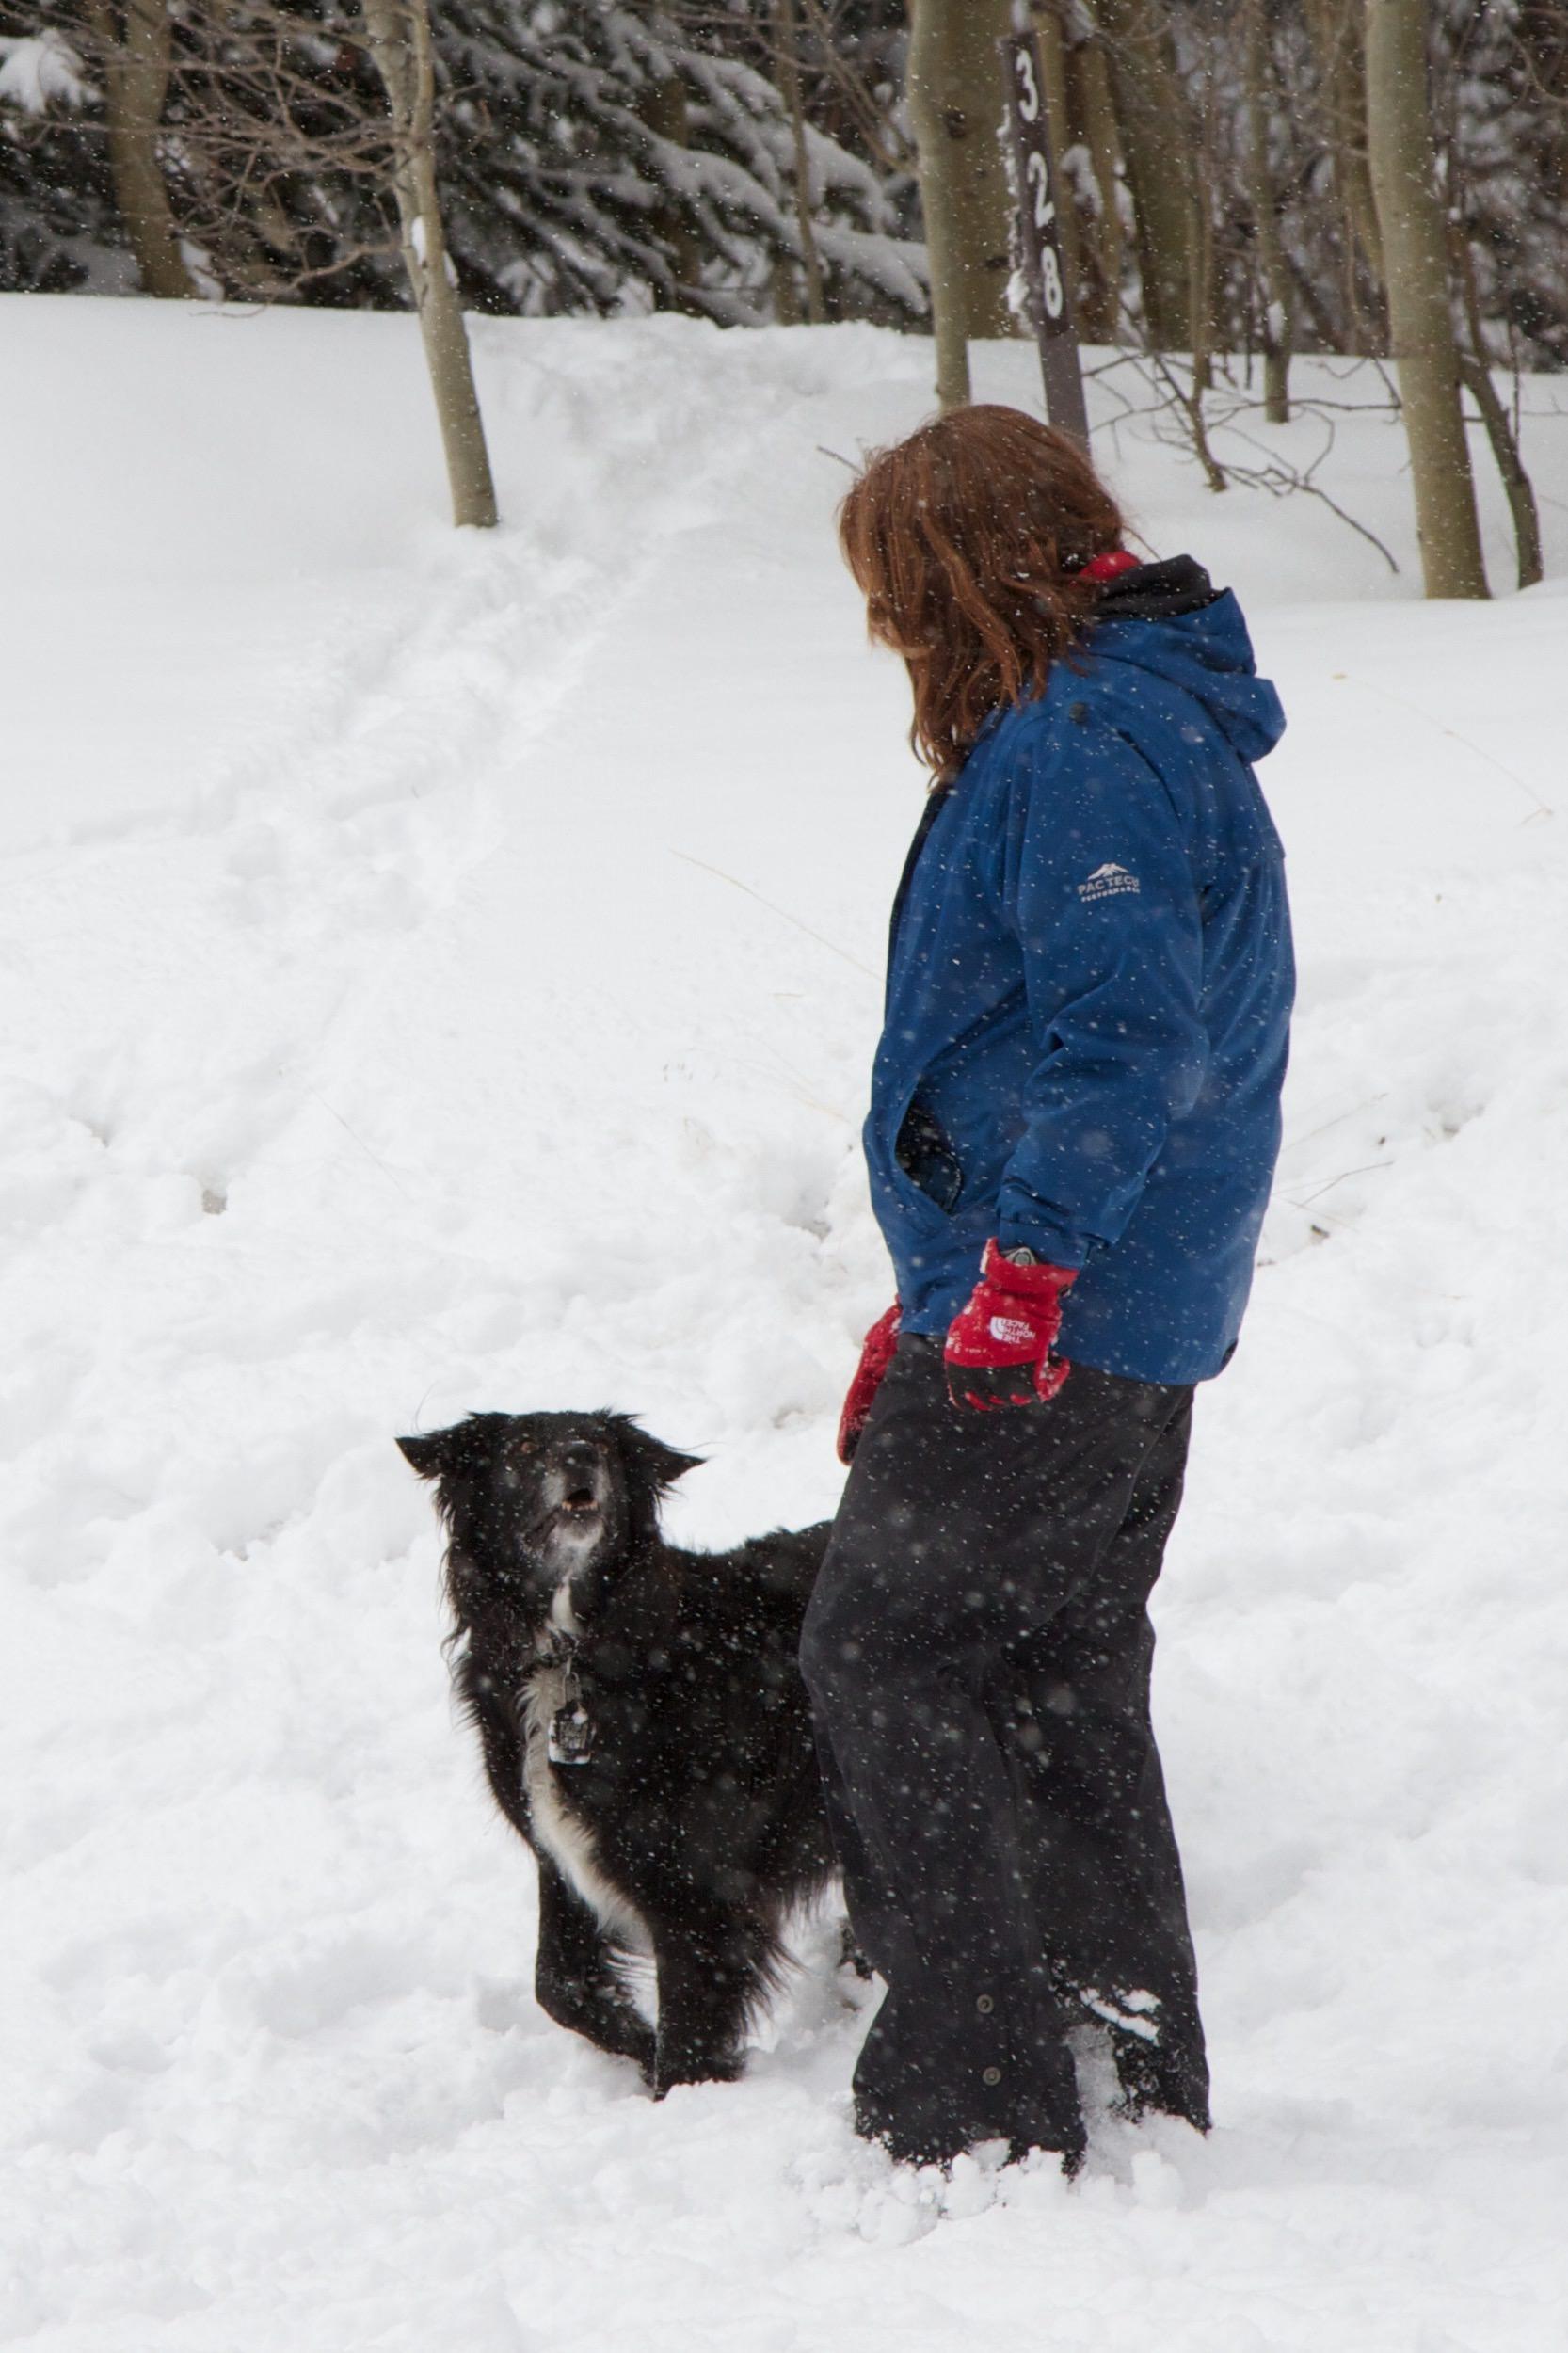 Terrie-rascal-snow.jpg